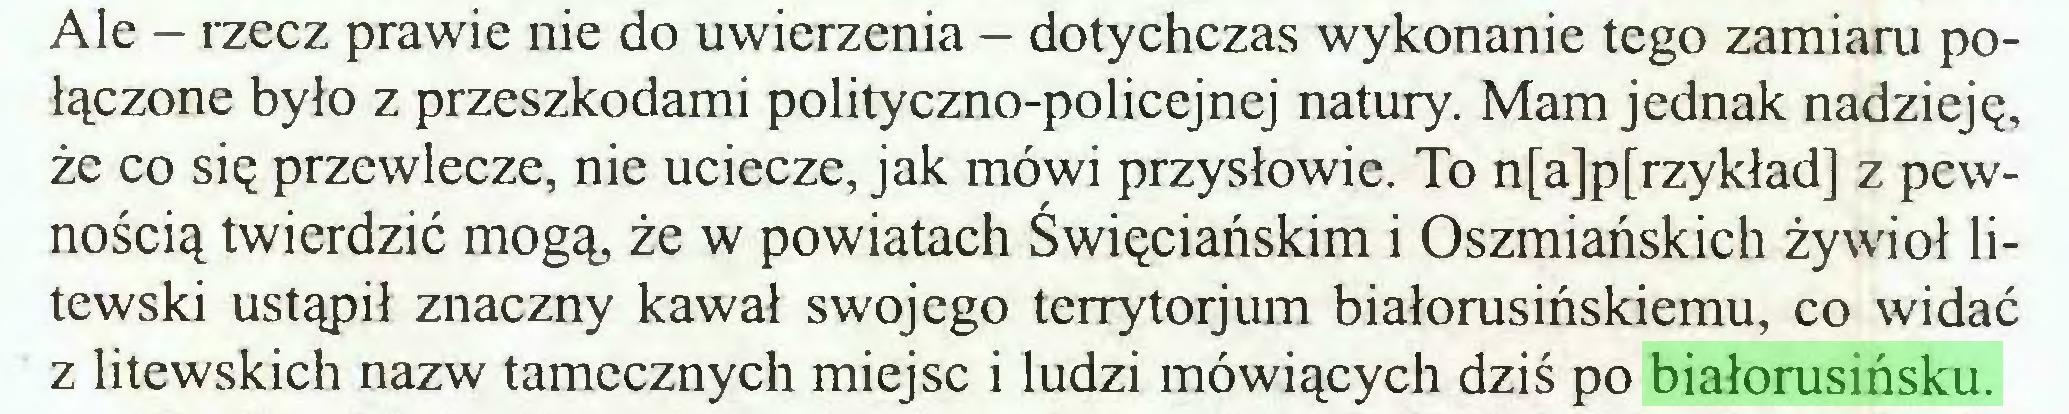 (...) Ale - rzecz prawie nie do uwierzenia - dotychczas wykonanie tego zamiaru połączone było z przeszkodami polityczno-policejnej natury. Mam jednak nadzieję, że co się przewlecze, nie uciecze, jak mówi przysłowie. To n[a]p[rzykład] z pewnością twierdzić mogą, że w powiatach Święciańskim i Oszmiańskich żywioł litewski ustąpił znaczny kawał swojego terrytorjum białorusińskiemu, co widać z litewskich nazw tamecznych miejsc i ludzi mówiących dziś po białorusińsku...